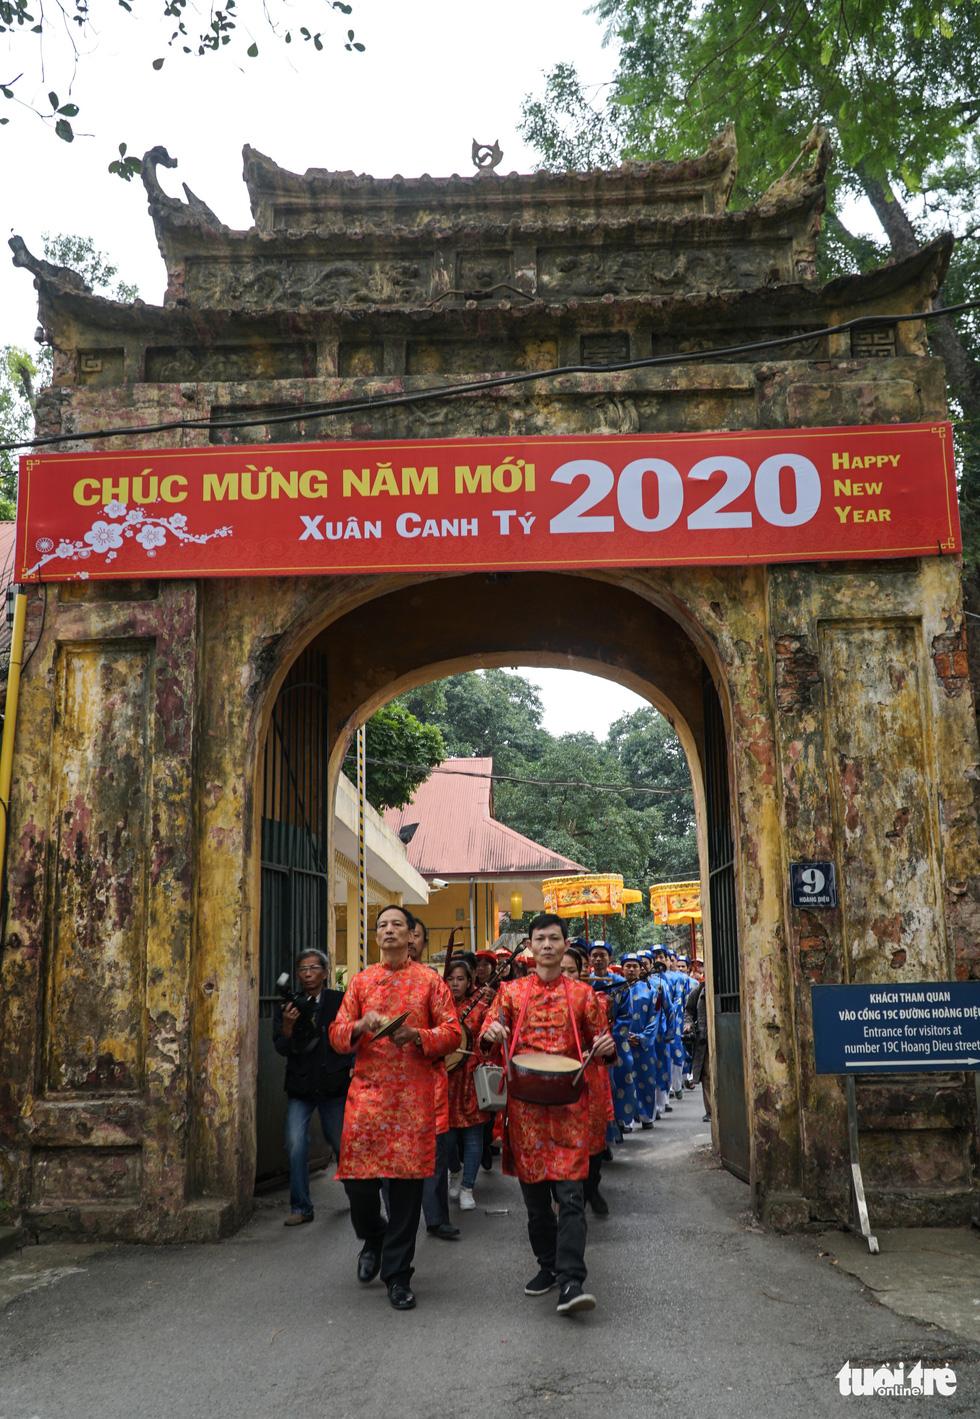 Thả cá chép, dựng cây nêu đón năm mới tại Hoàng thành Thăng Long - Ảnh 6.